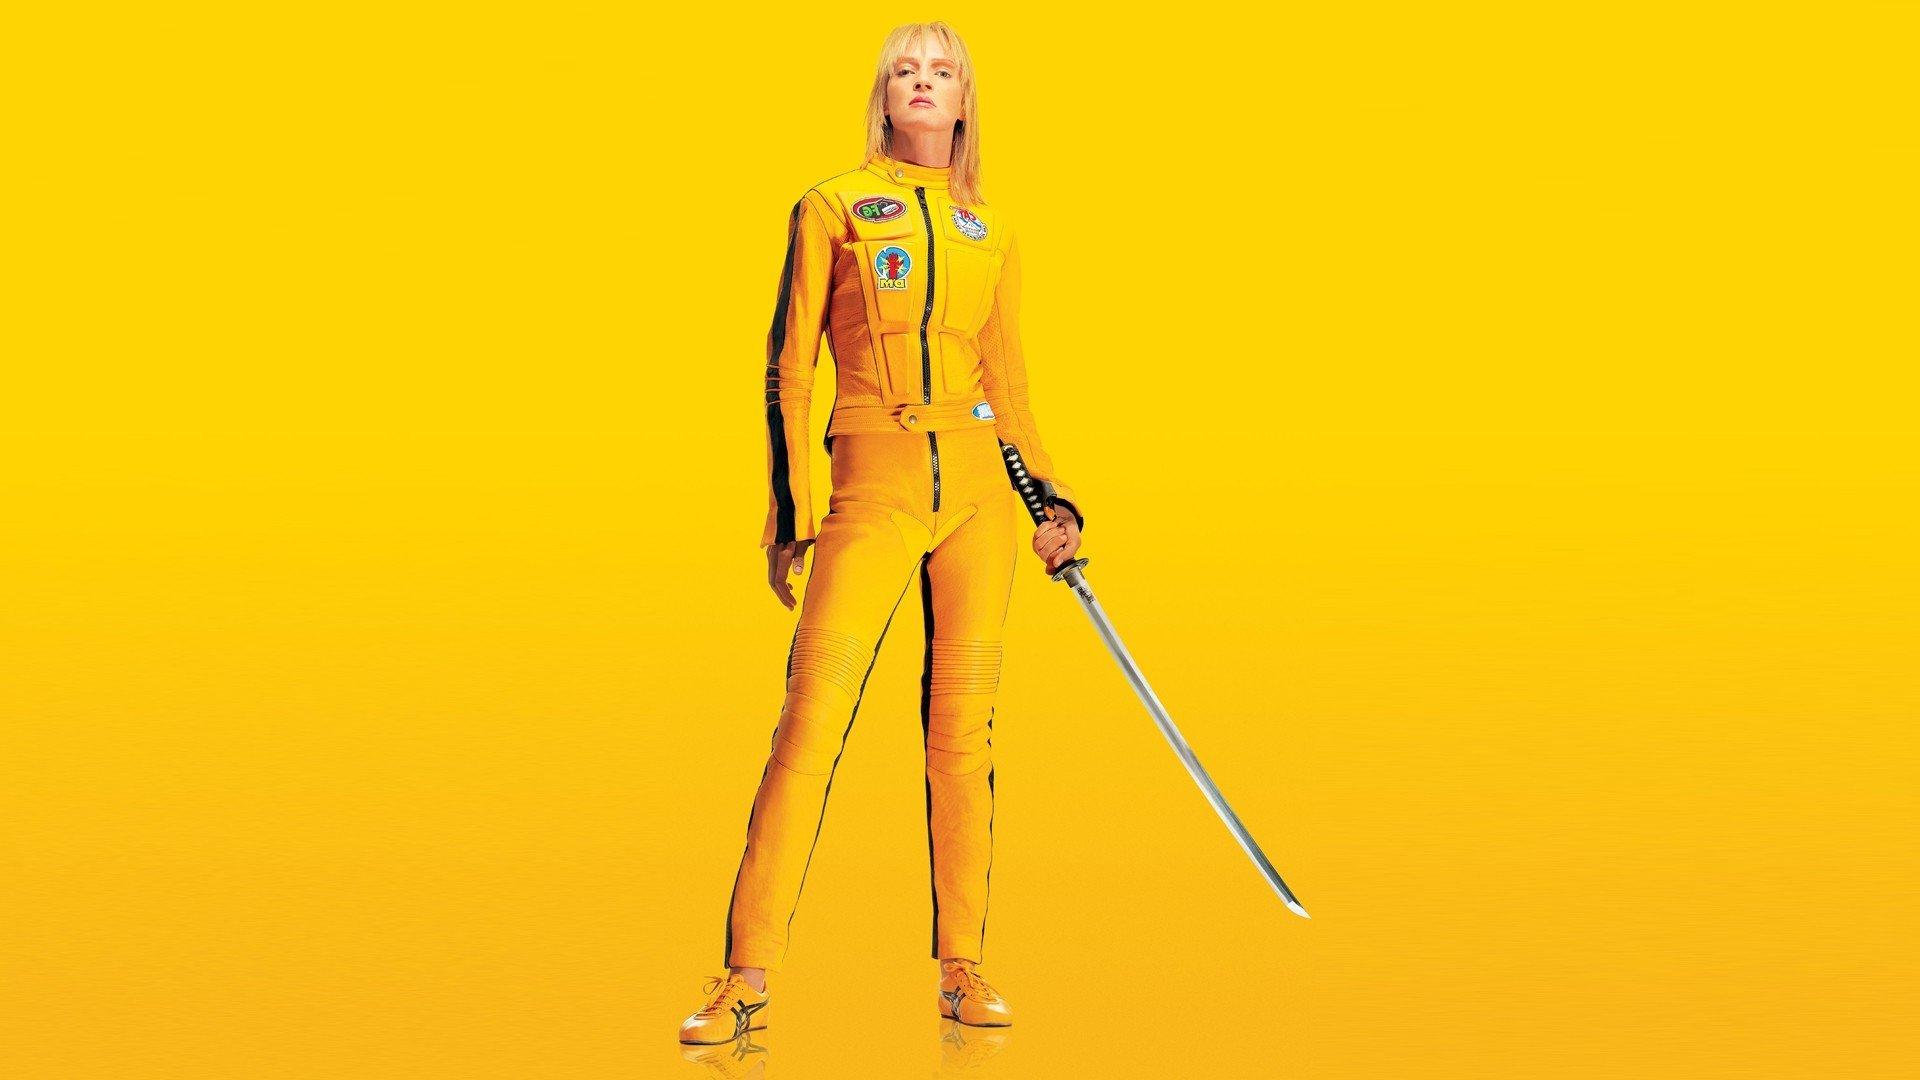 9 fantastic hd kill bill movie wallpapers hdwallsourcecom